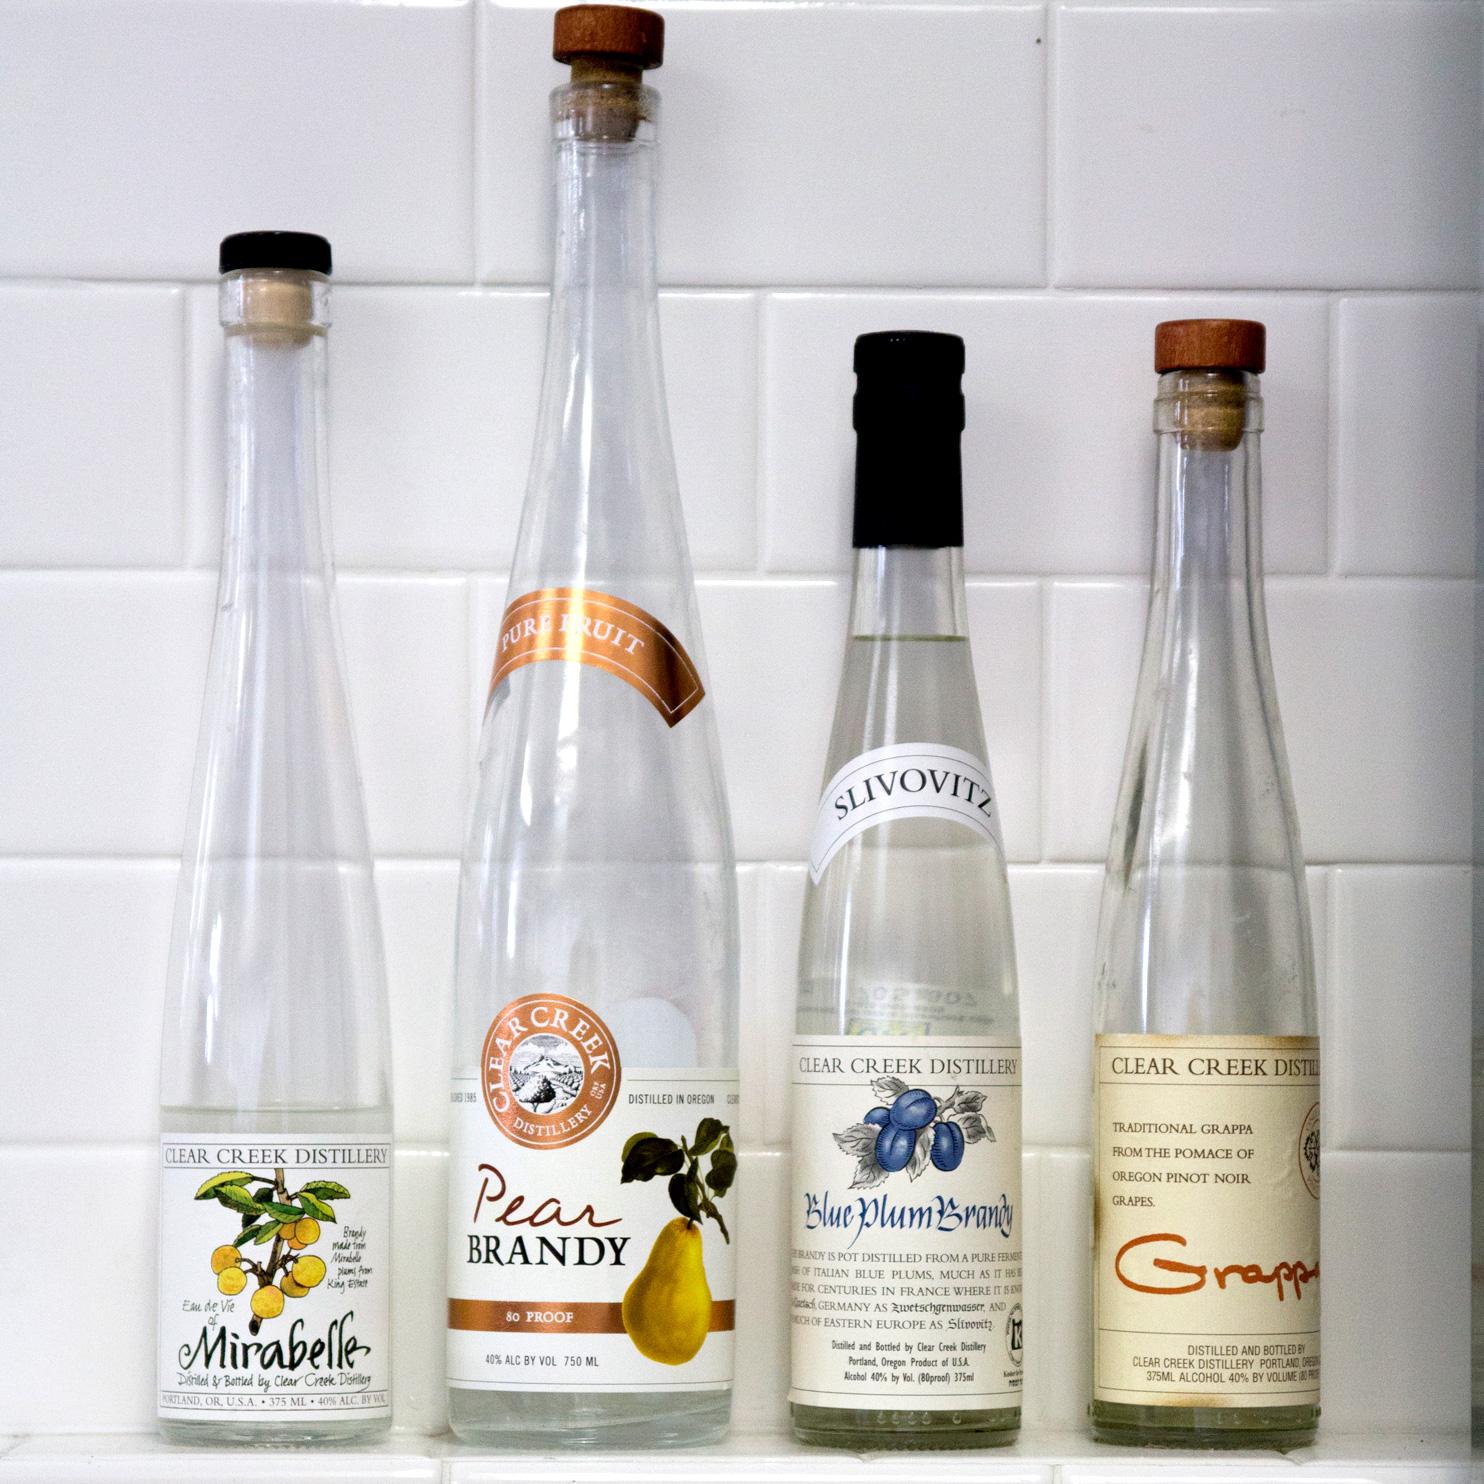 Square_bottles.jpg